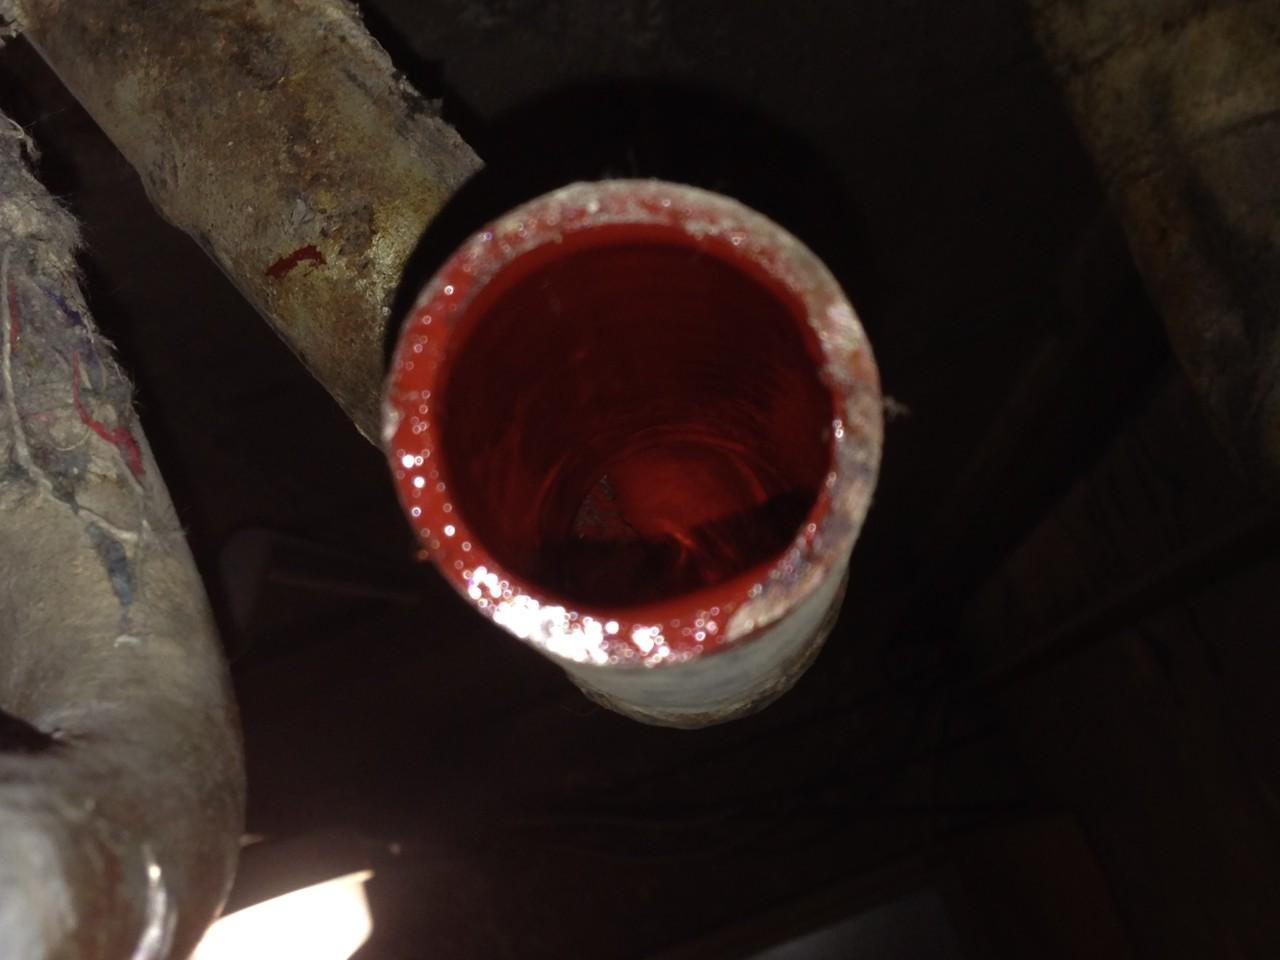 enductiond de resine epoxy avec garantie decenale